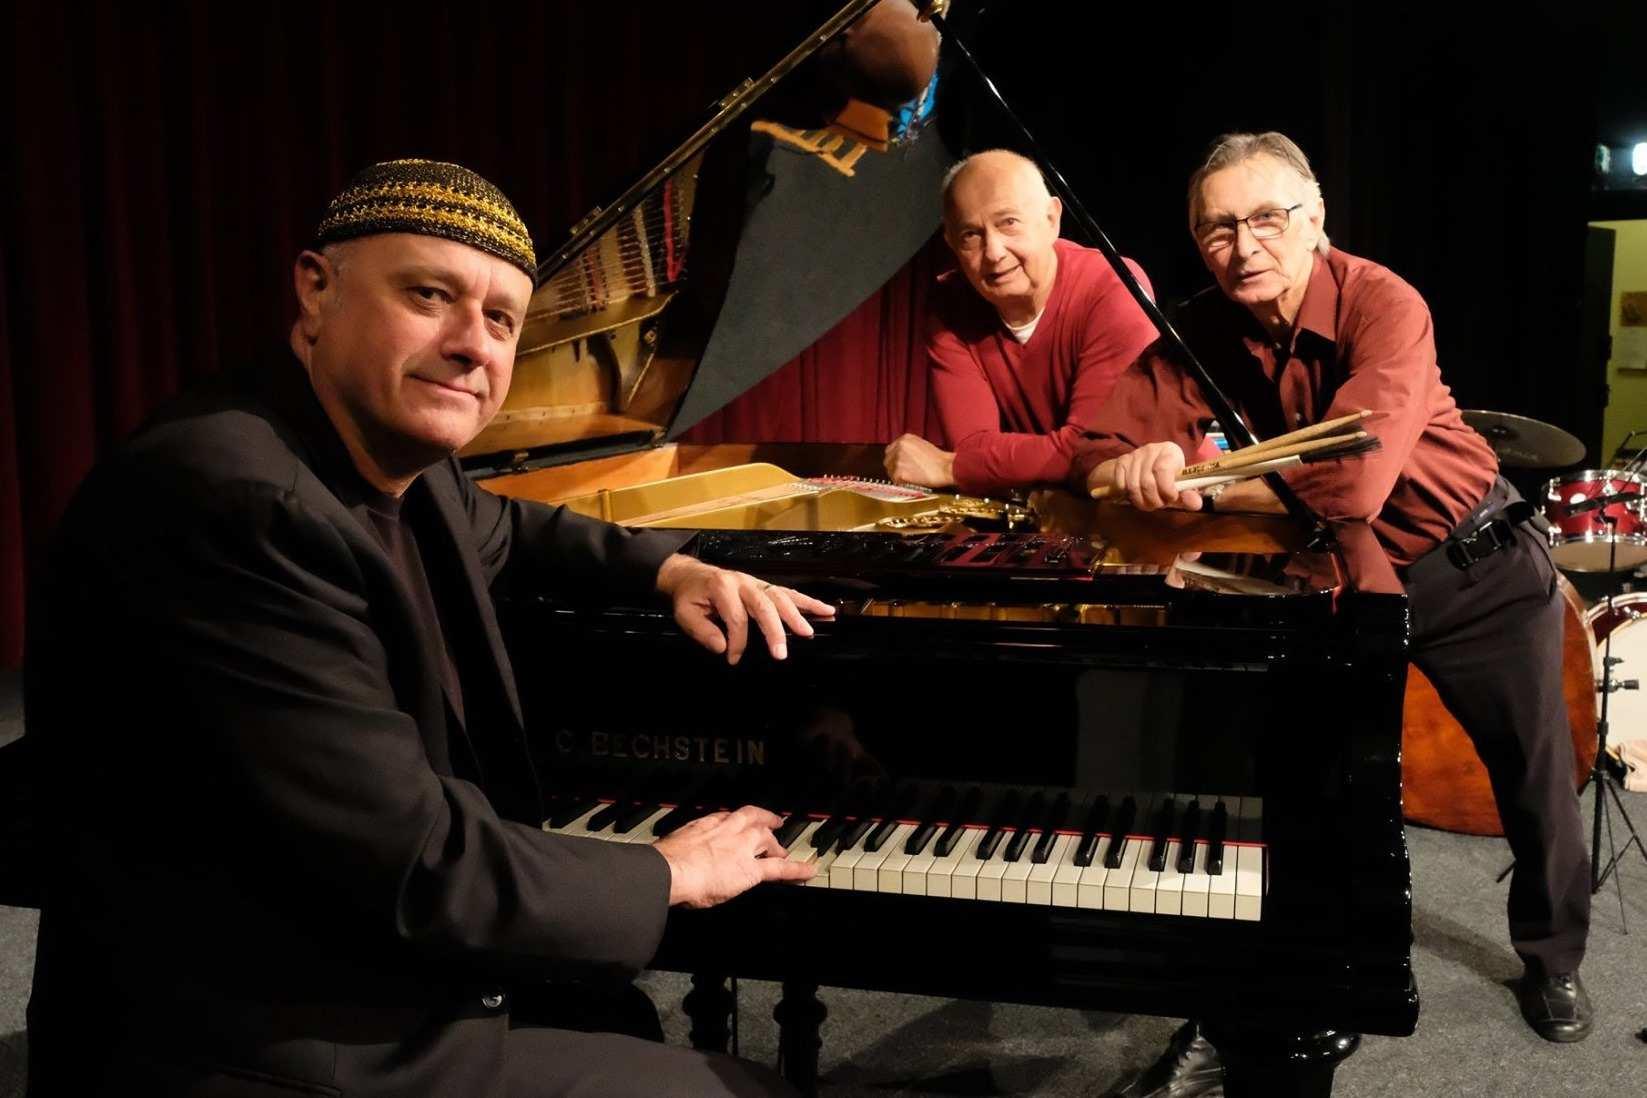 Fotka kapely MUH Trio